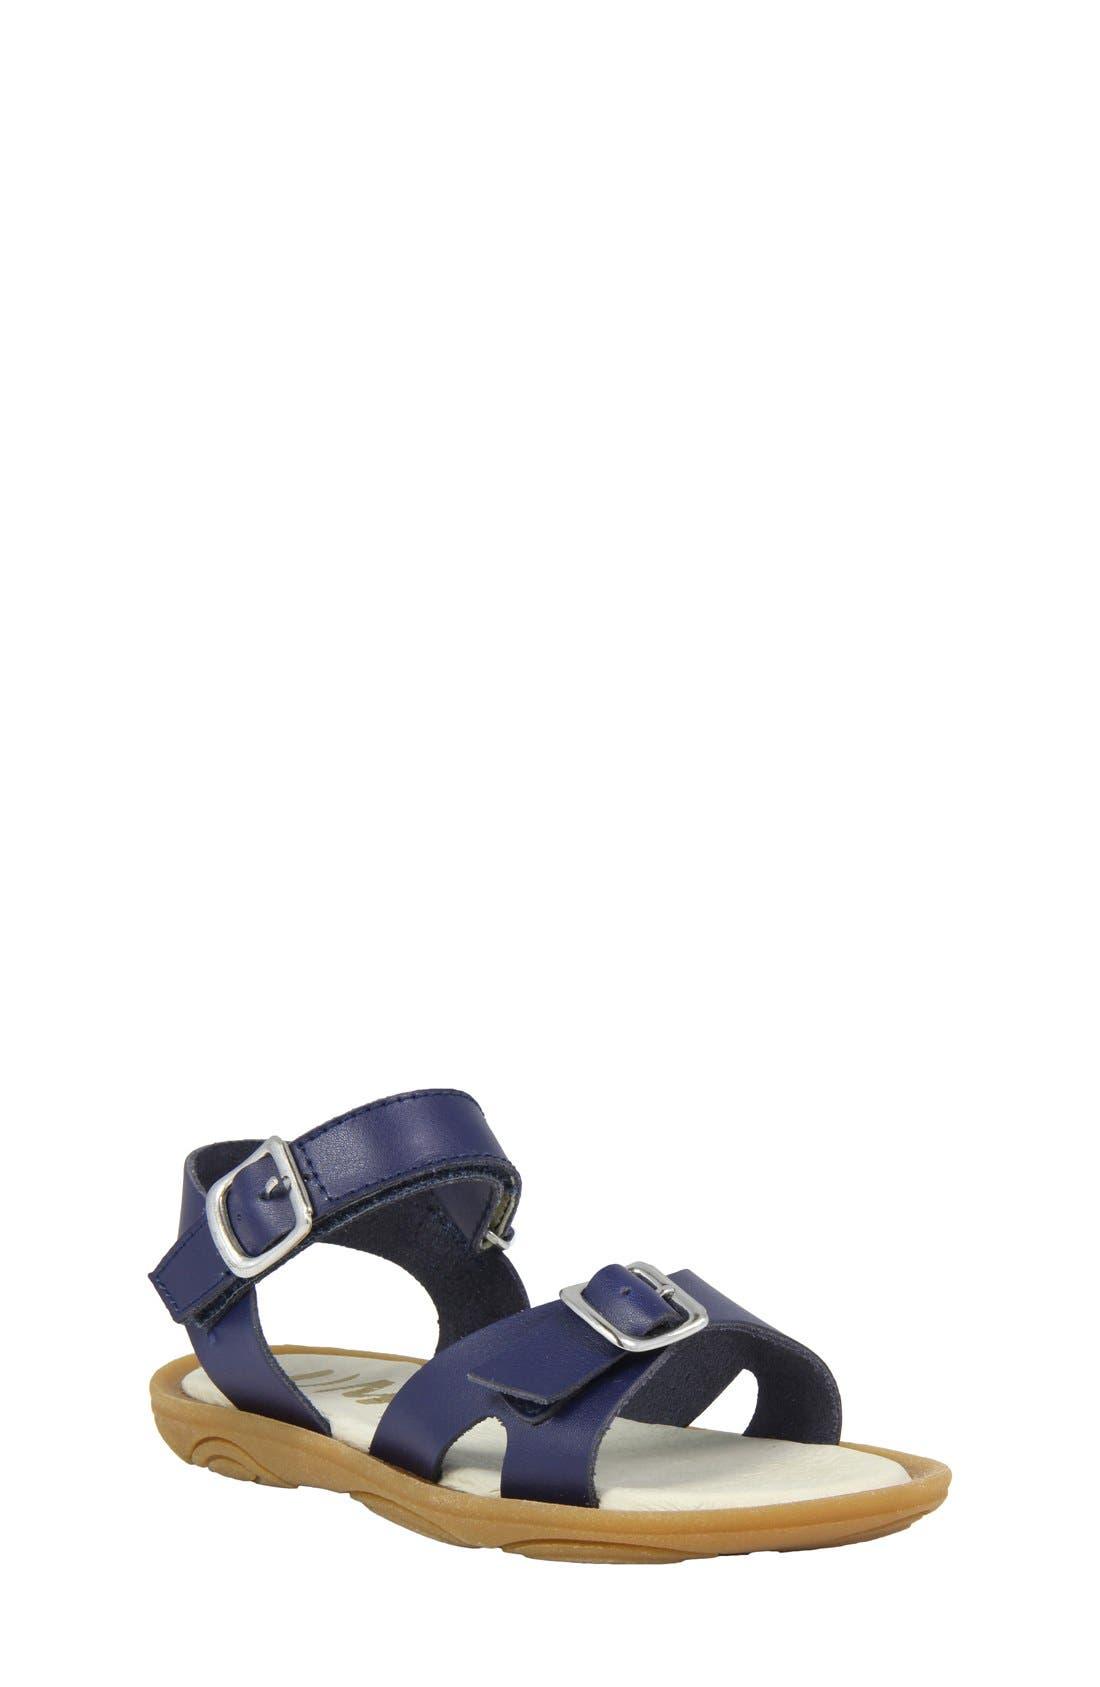 UMI 'Celia' Sandal